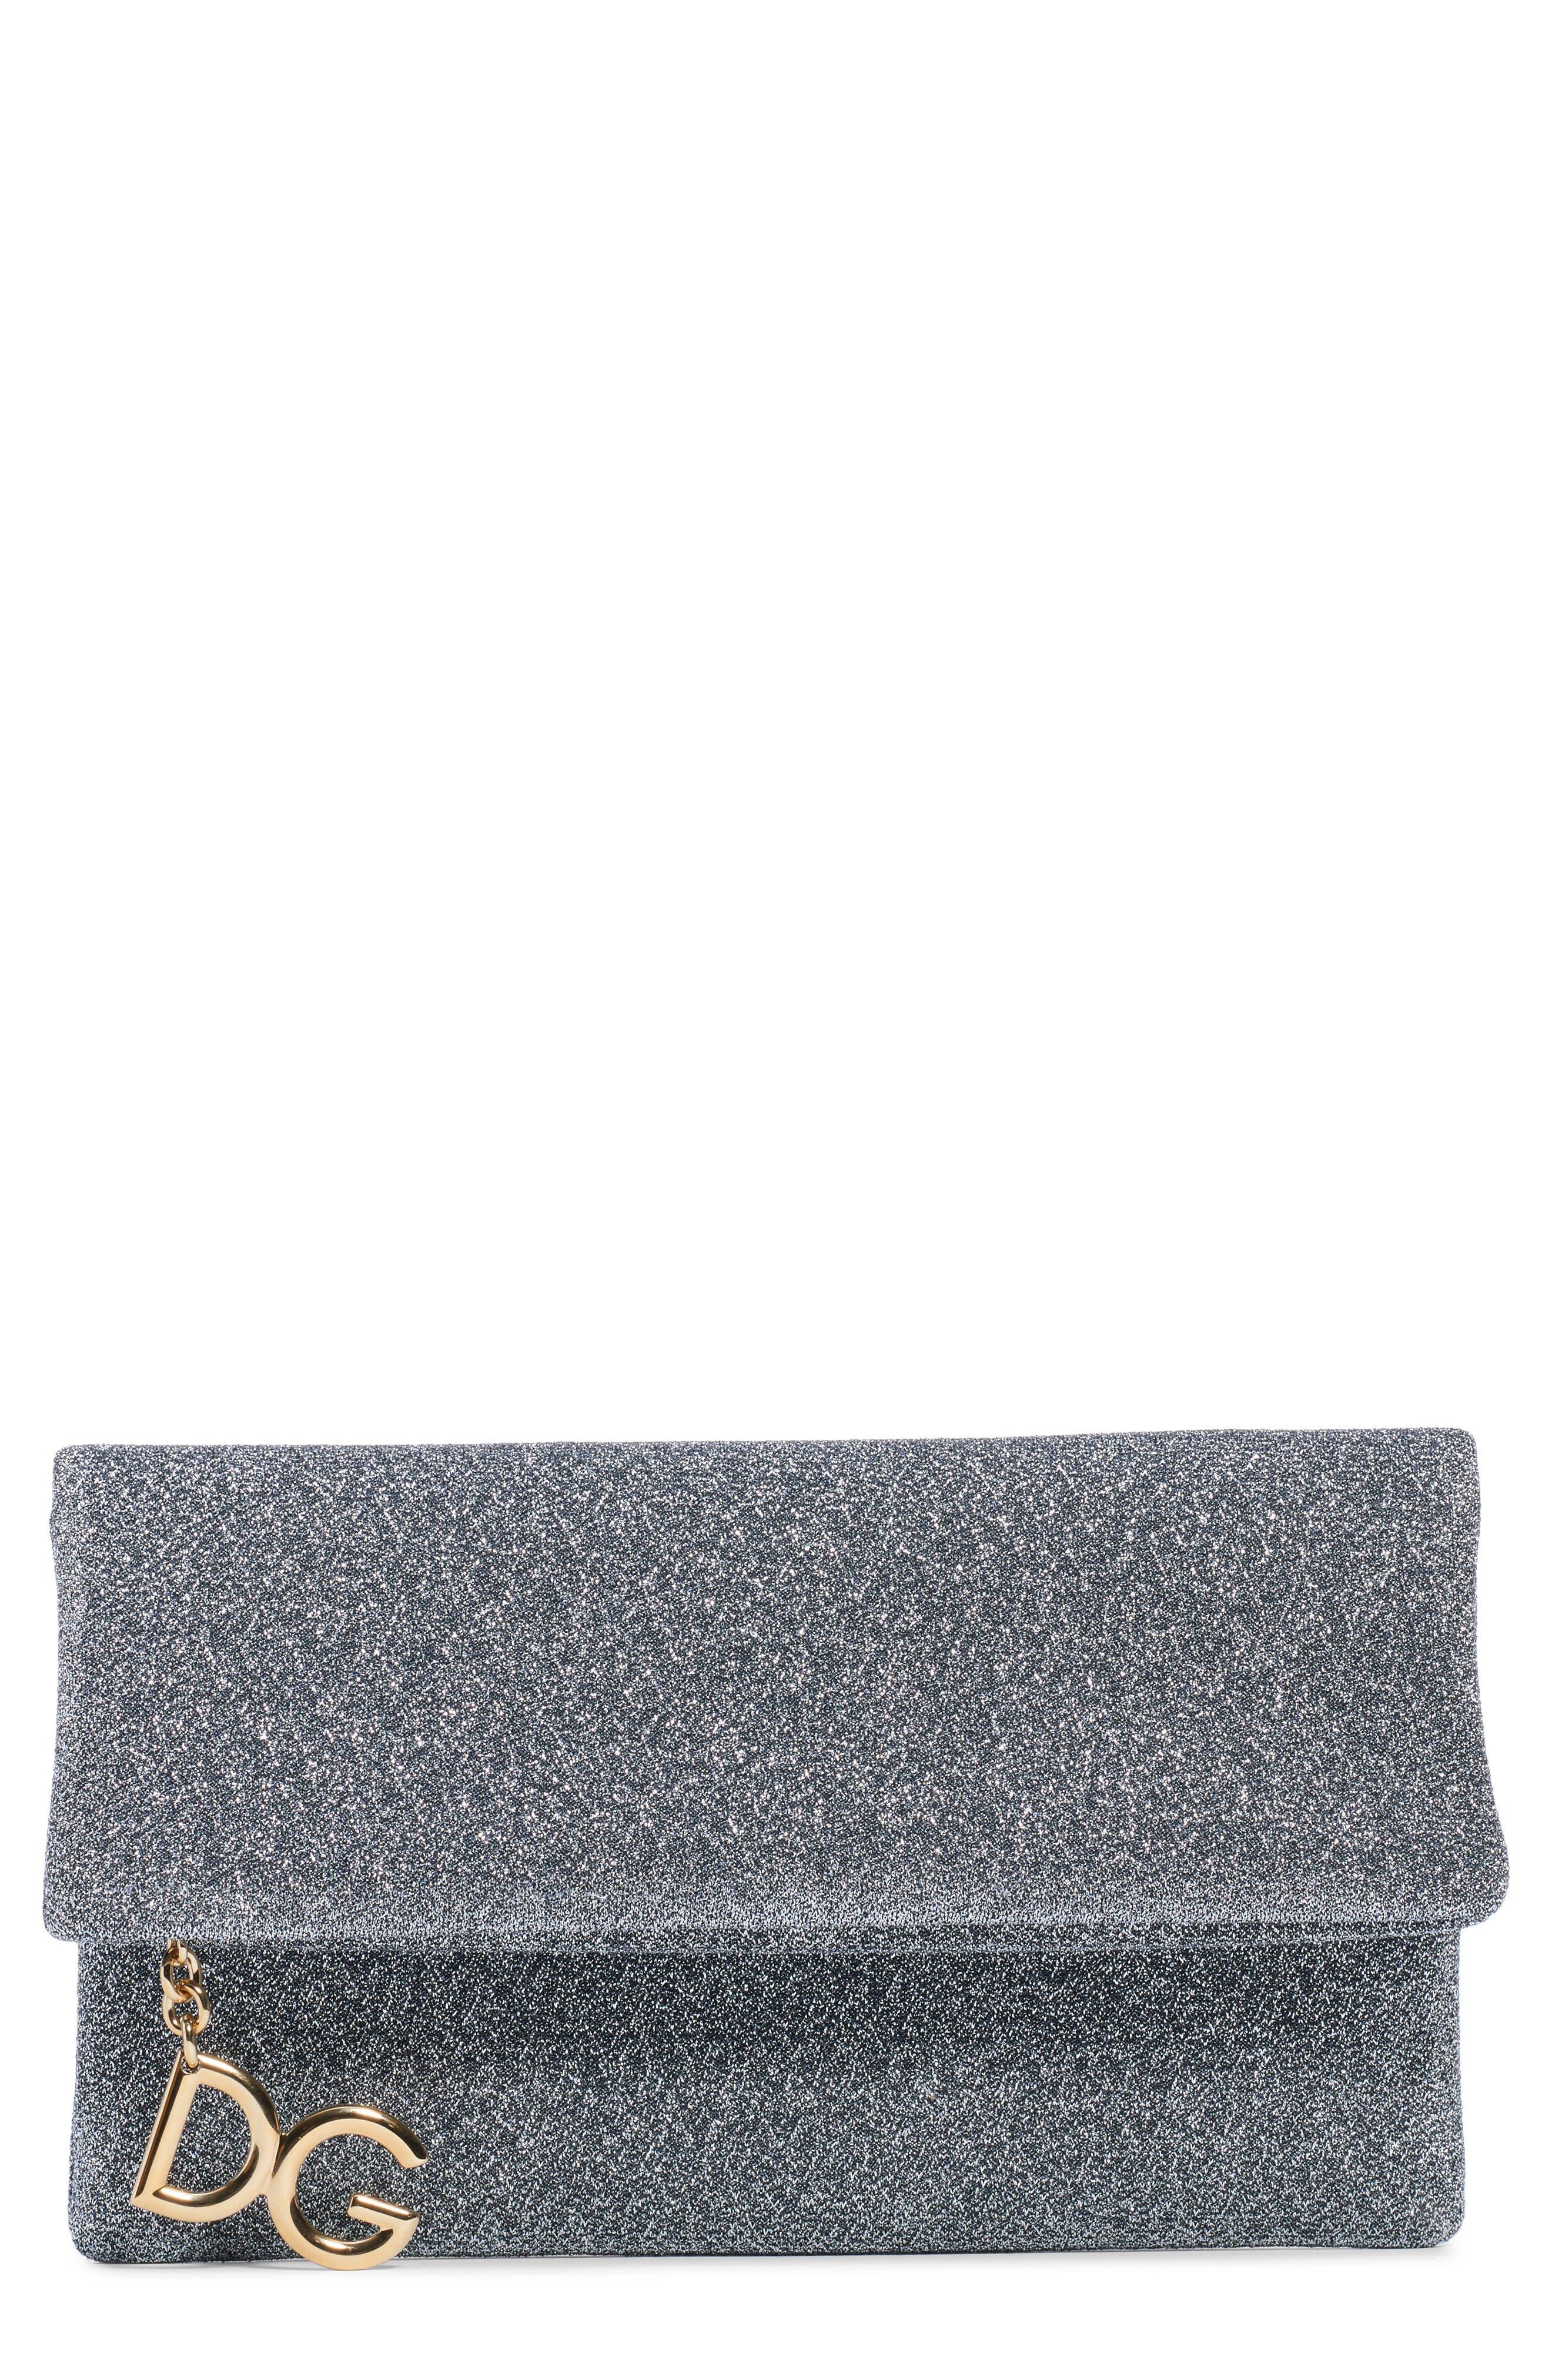 DOLCE&GABBANA Metallic Foldover Clutch, Main, color, ARGENTO SCURO